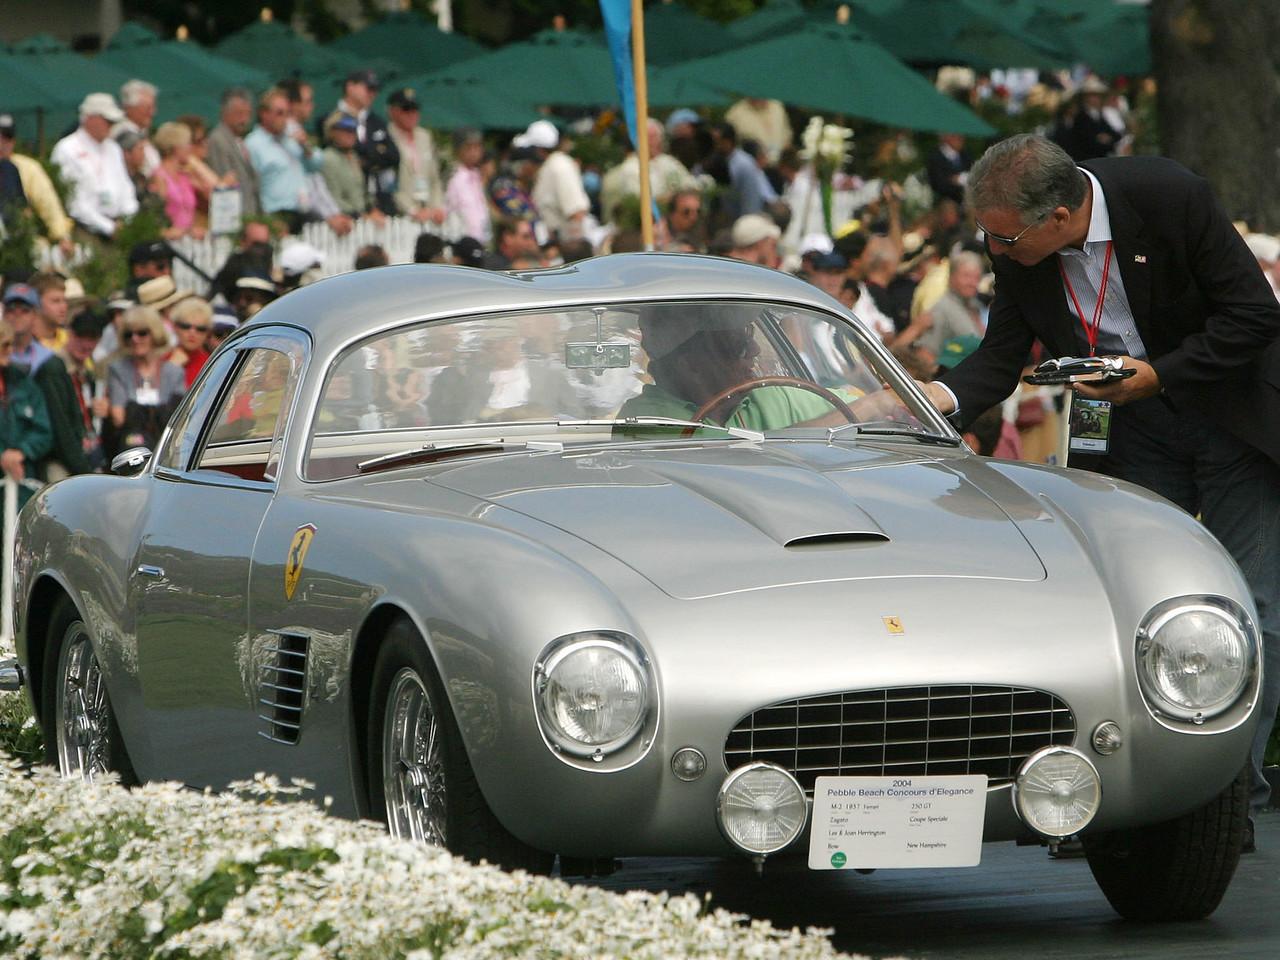 1957 Ferrari 250 GT Zagato Coupe Speciale. 3rd Ferrari Speciale Closed.  Lee and Joan Herrington.